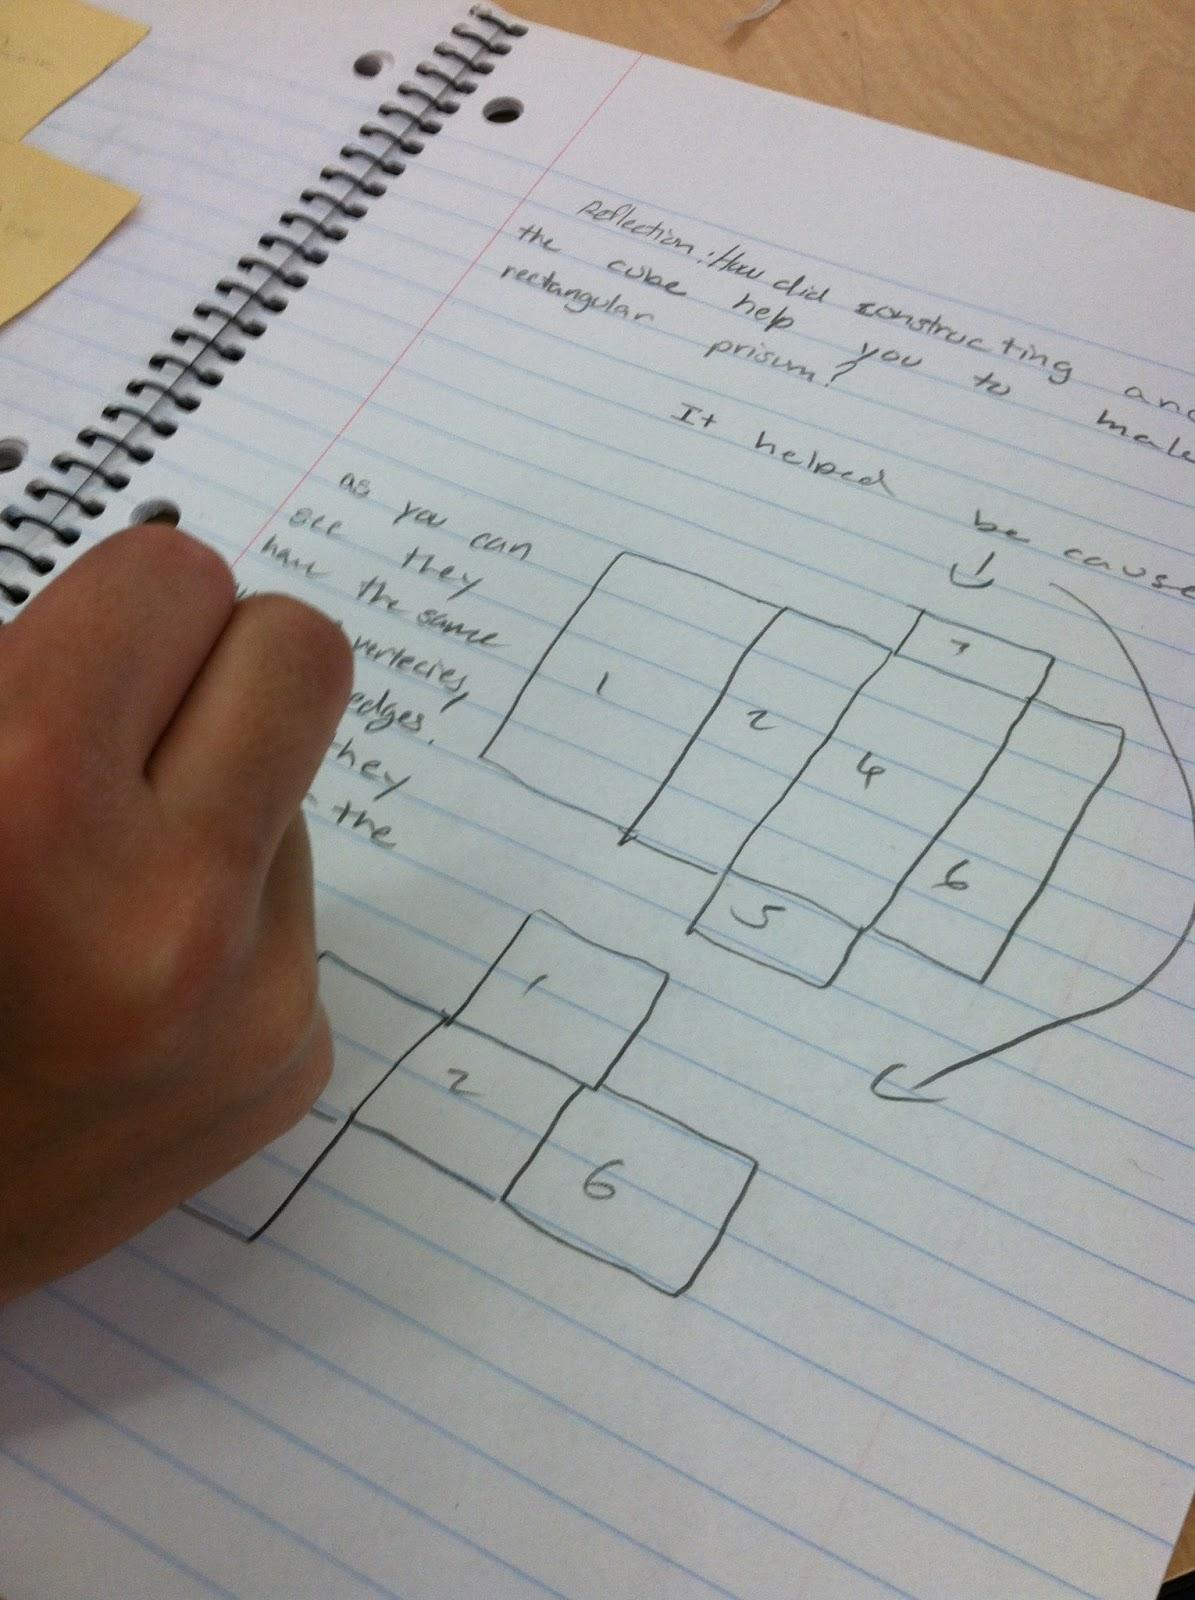 February 2013 - Teaching in Room 6